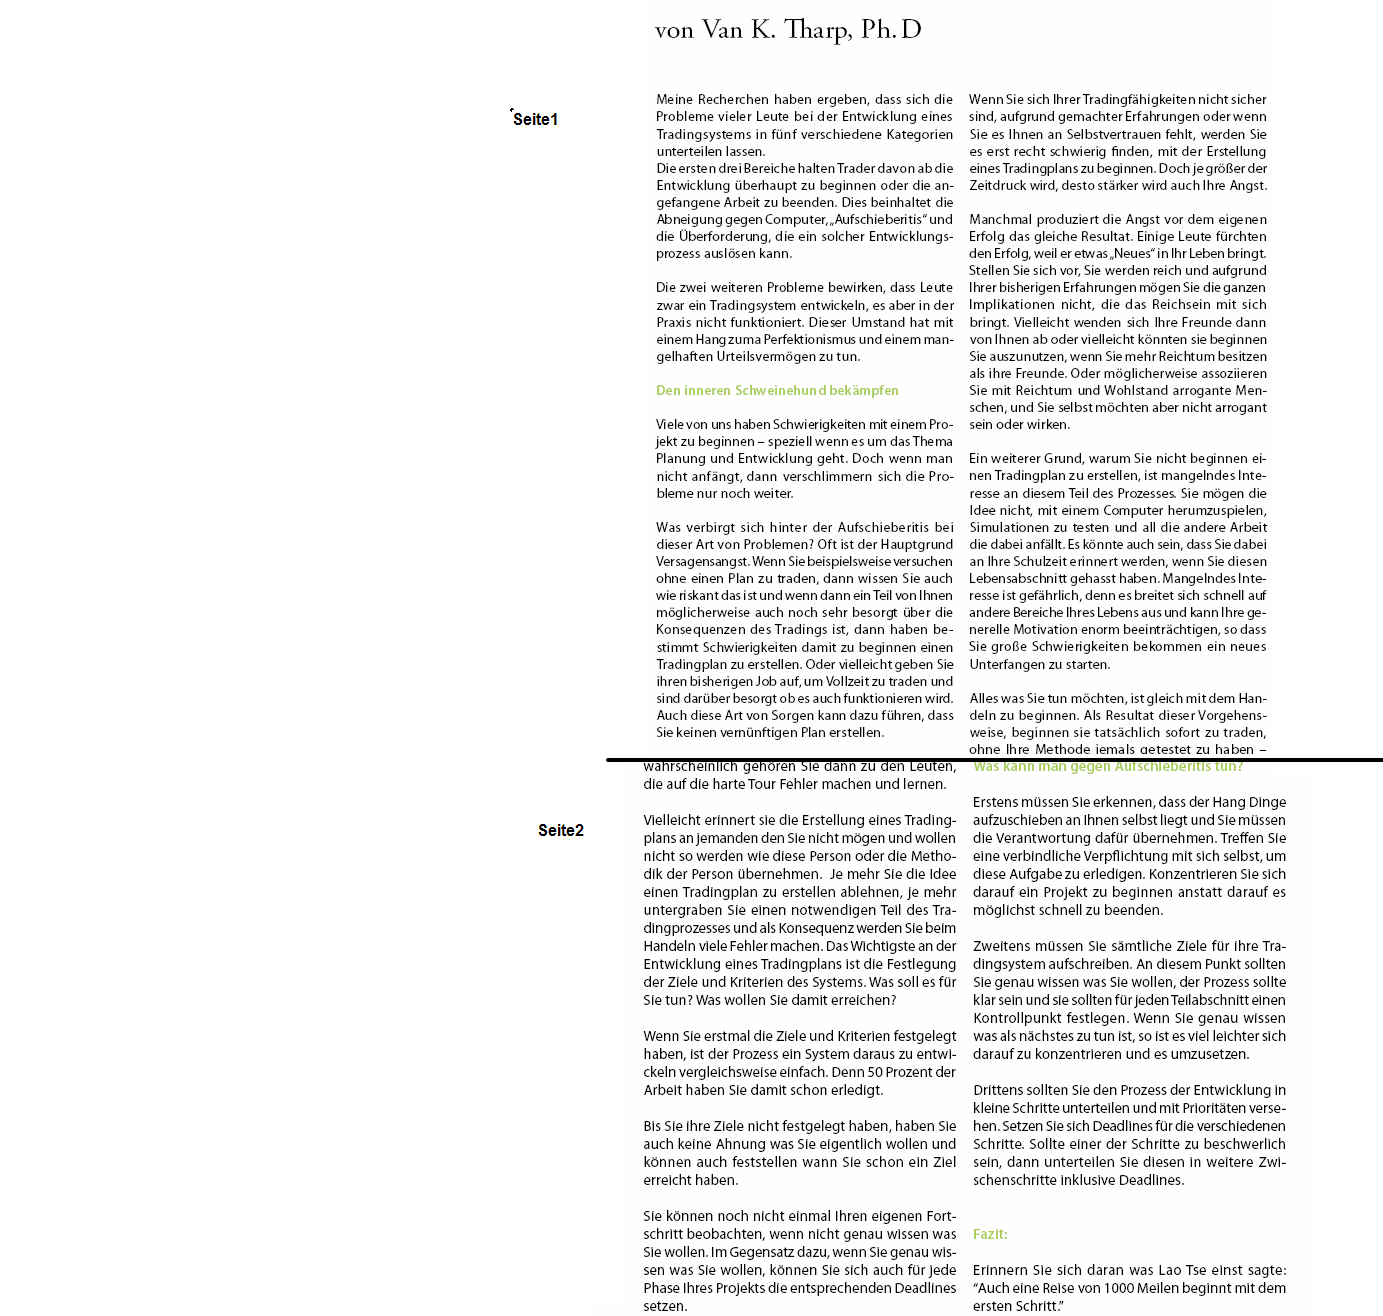 entwicklung_von_tradingsystemen.png